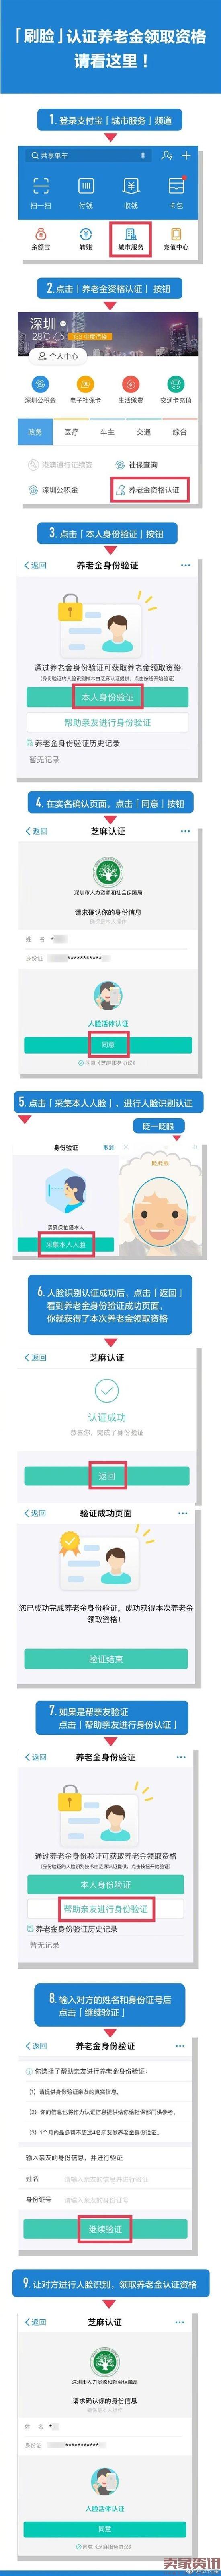 支付宝刷脸新功能:认证养老金领取资格